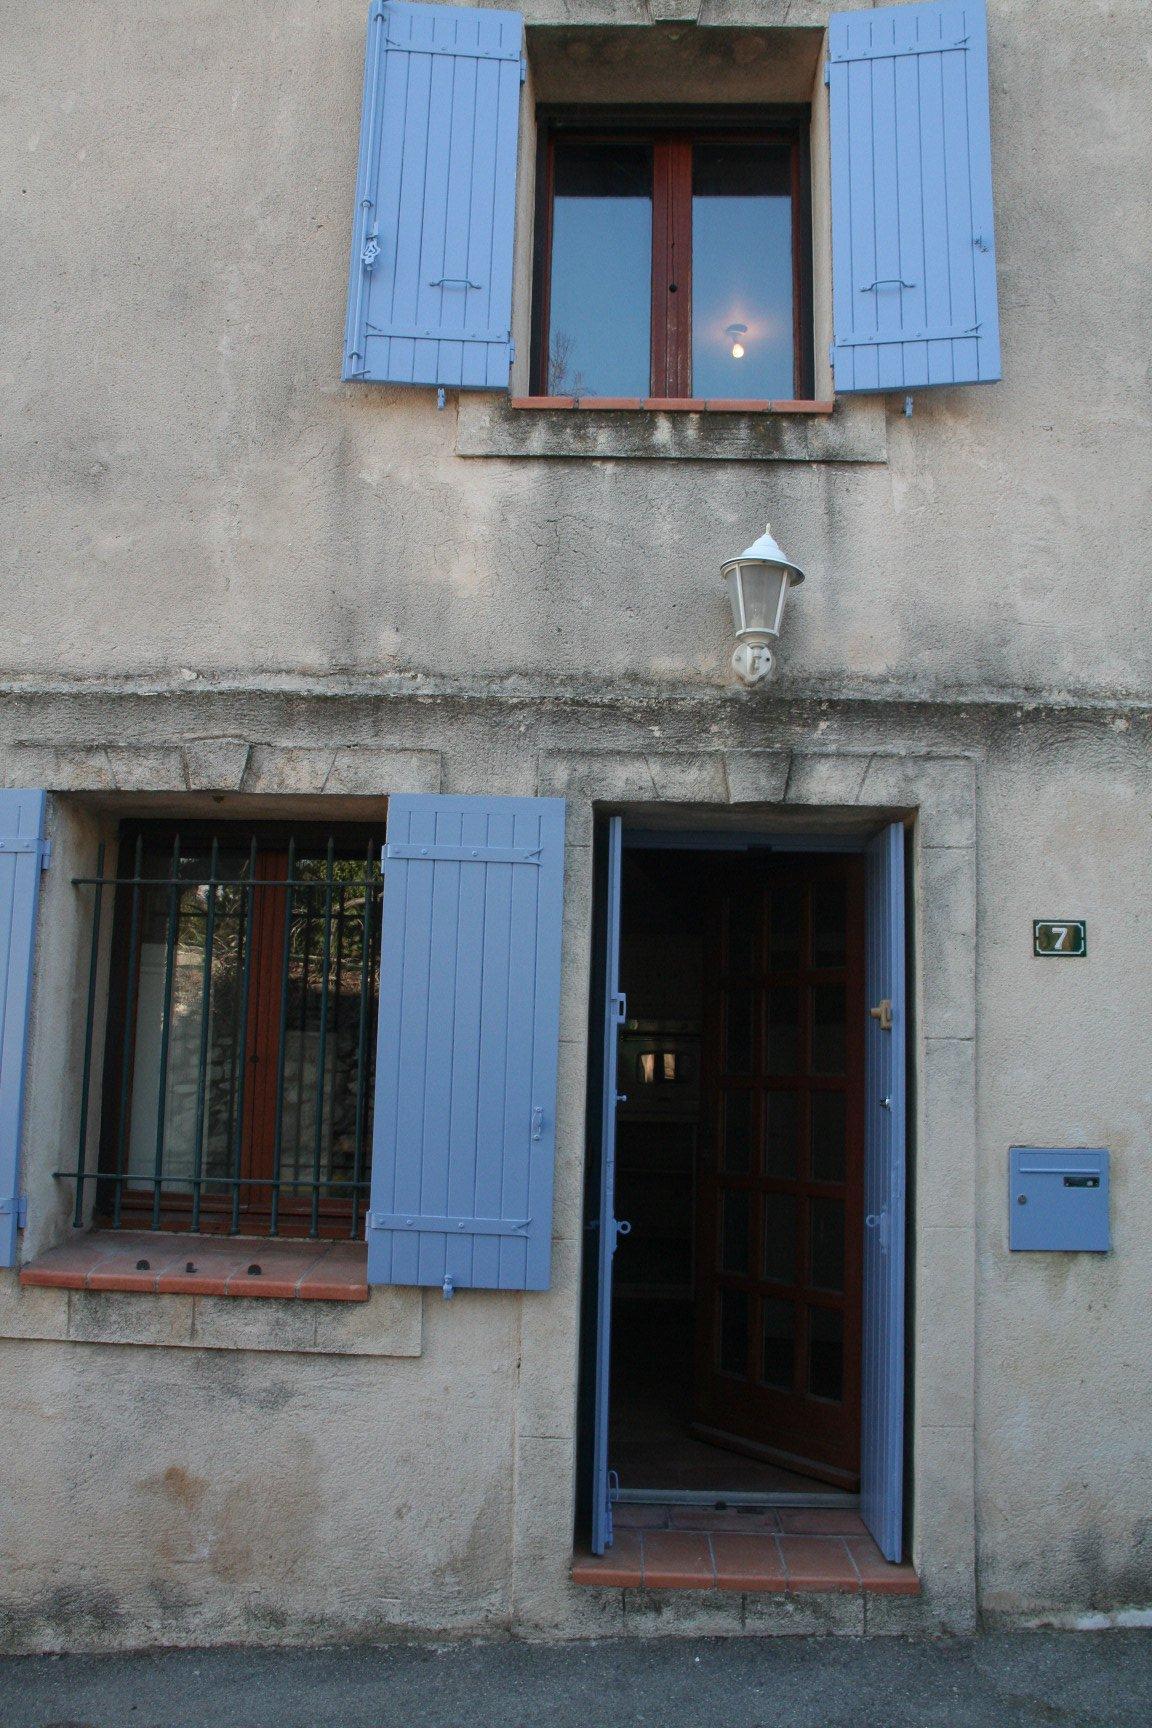 MAISON DE VILLAGE à LA-FARE-LES-OLIVIERS (13 580) 2 chambres